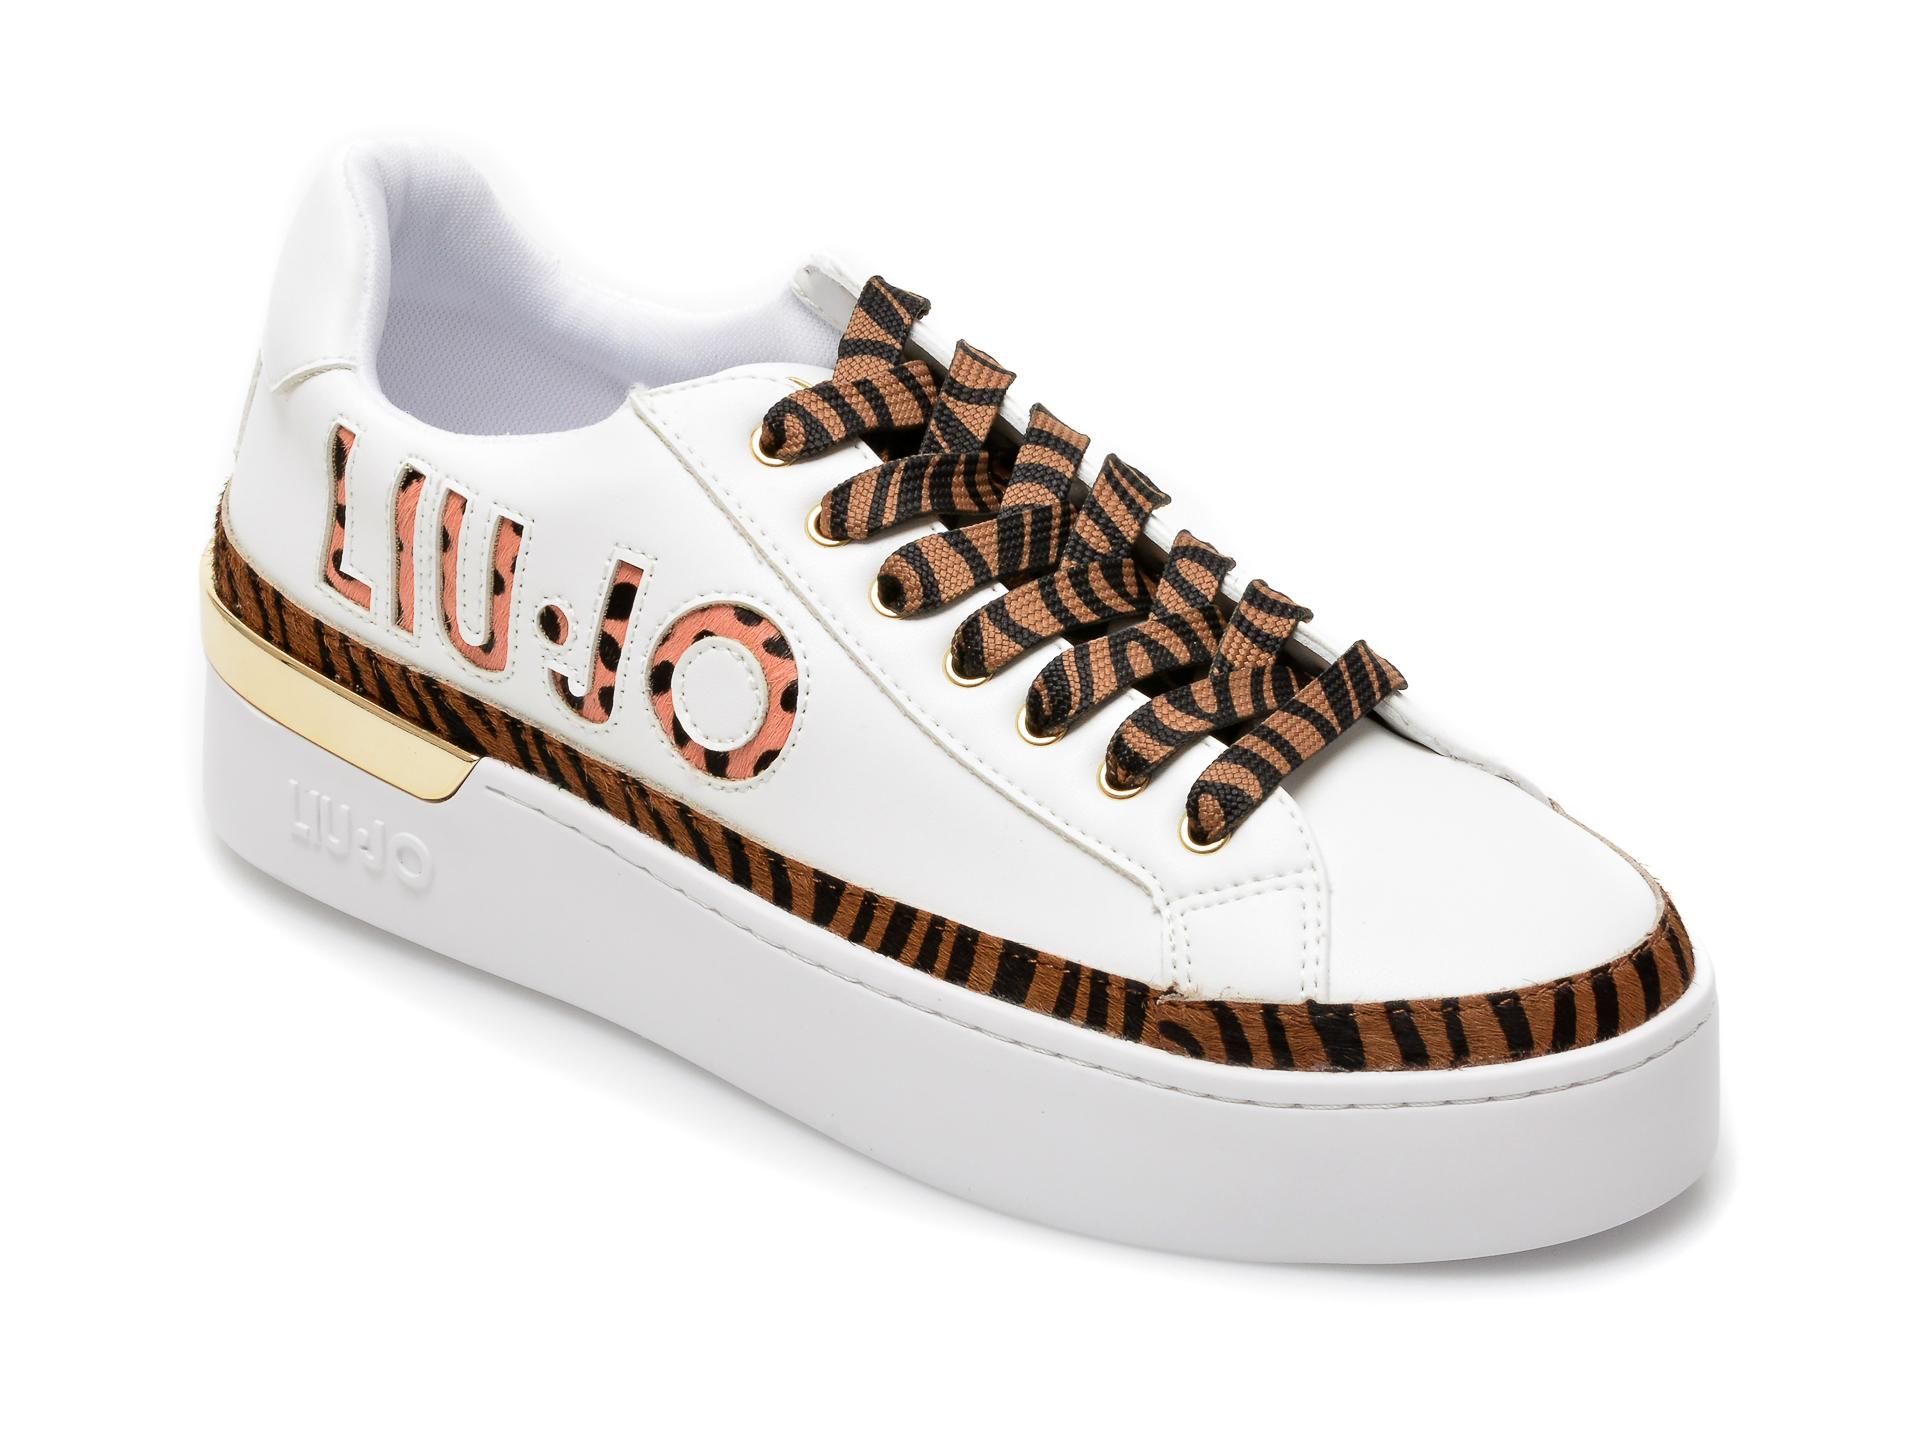 Pantofi LIU JO albi, Silvia 22, din piele ecologica